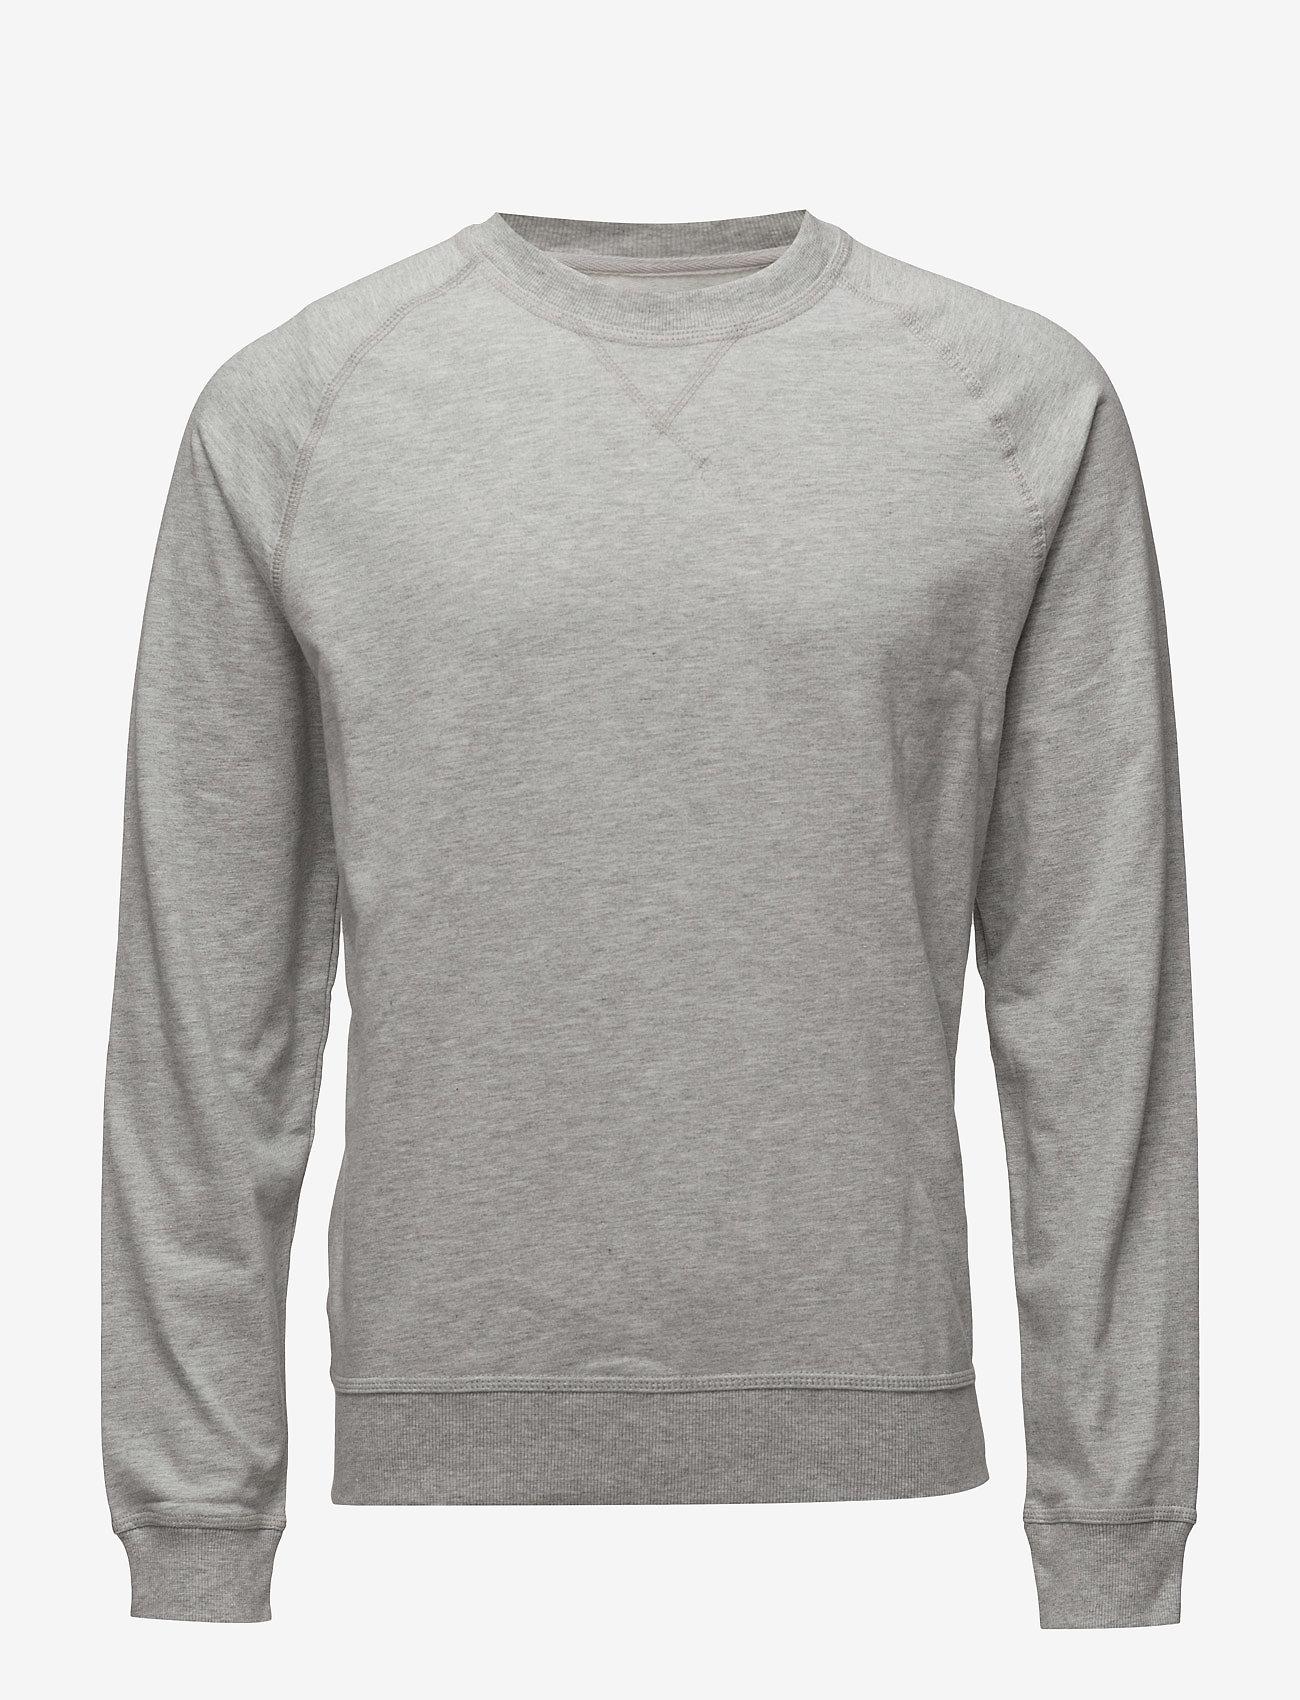 Resteröds - Sweatshirt - topi - grey mel. - 0